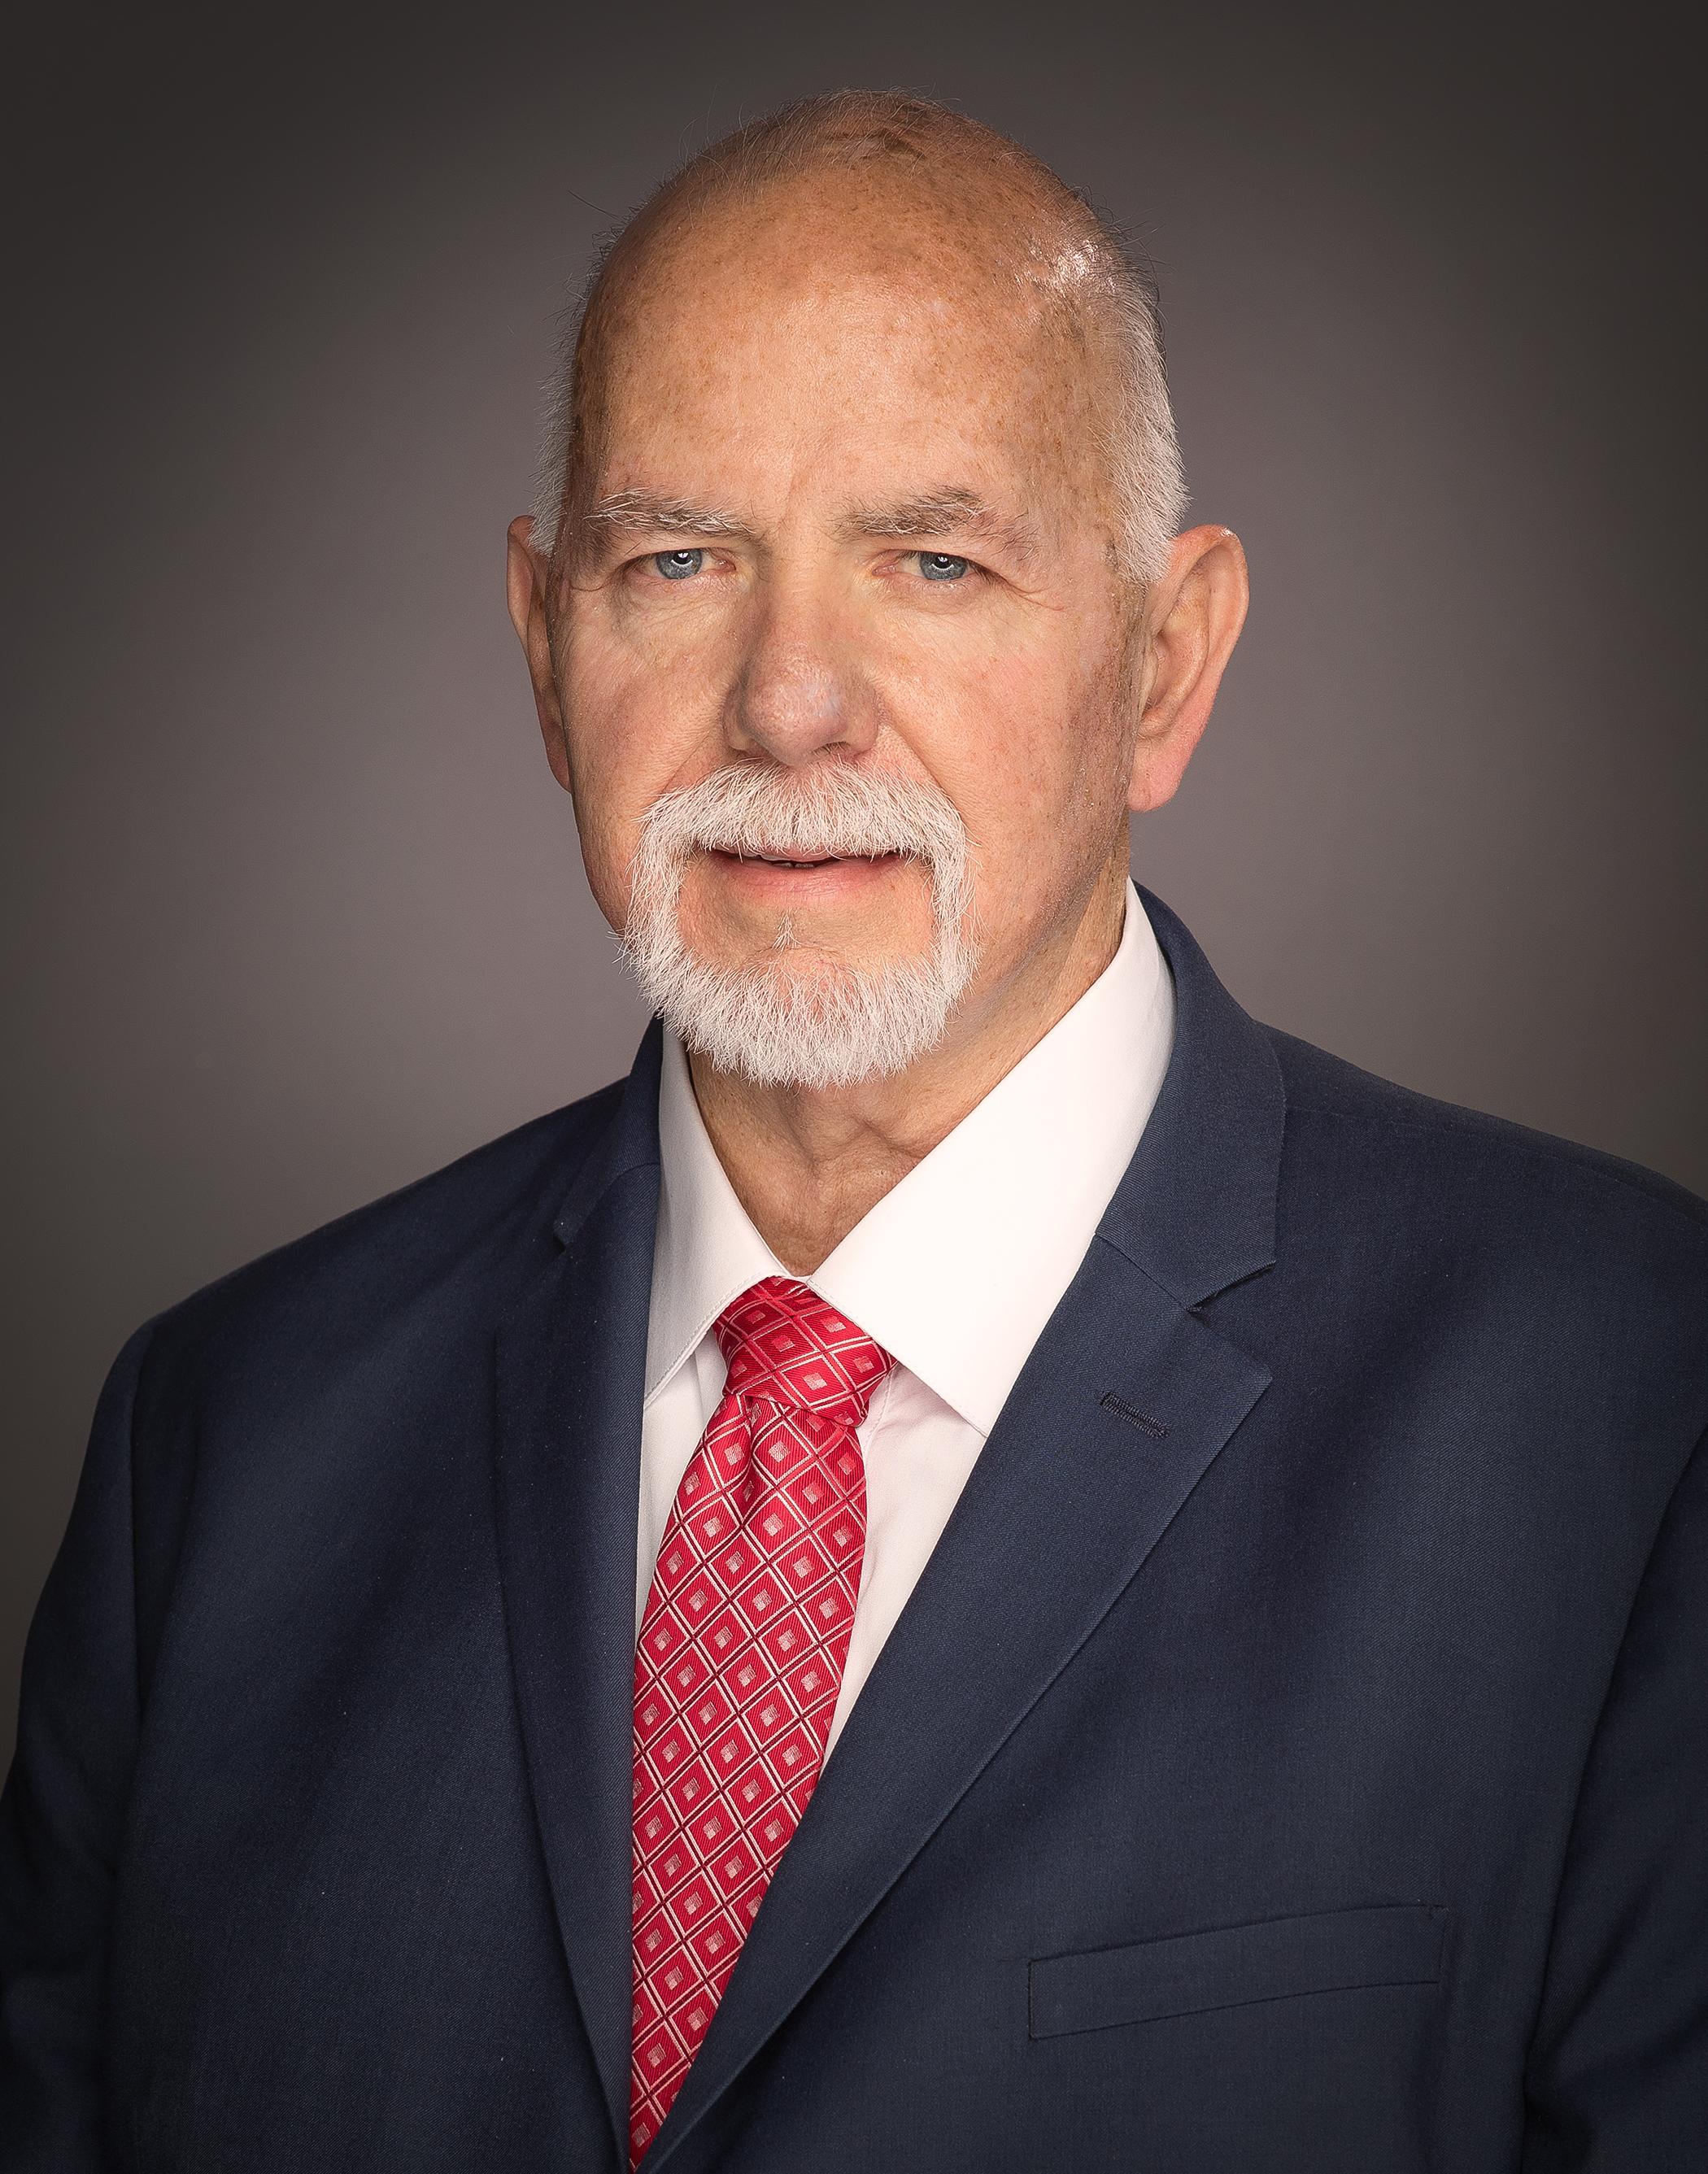 John M. Ellis, General Chairman